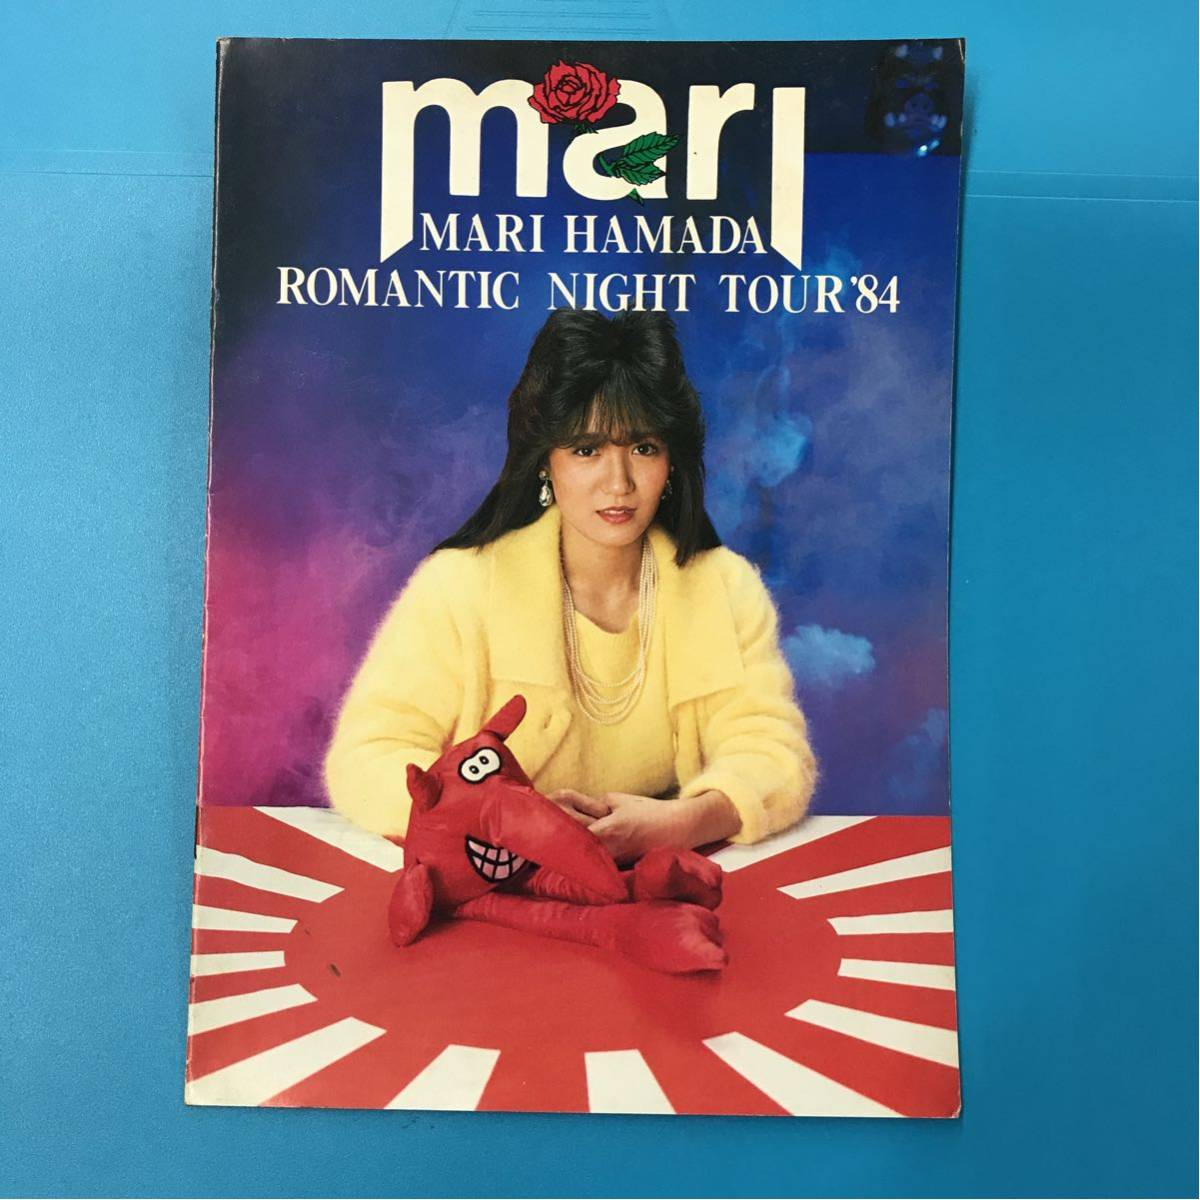 浜田麻里 ツアーパンフレット 1984 ROMANTIC NIGHT TOUR 同梱発送可